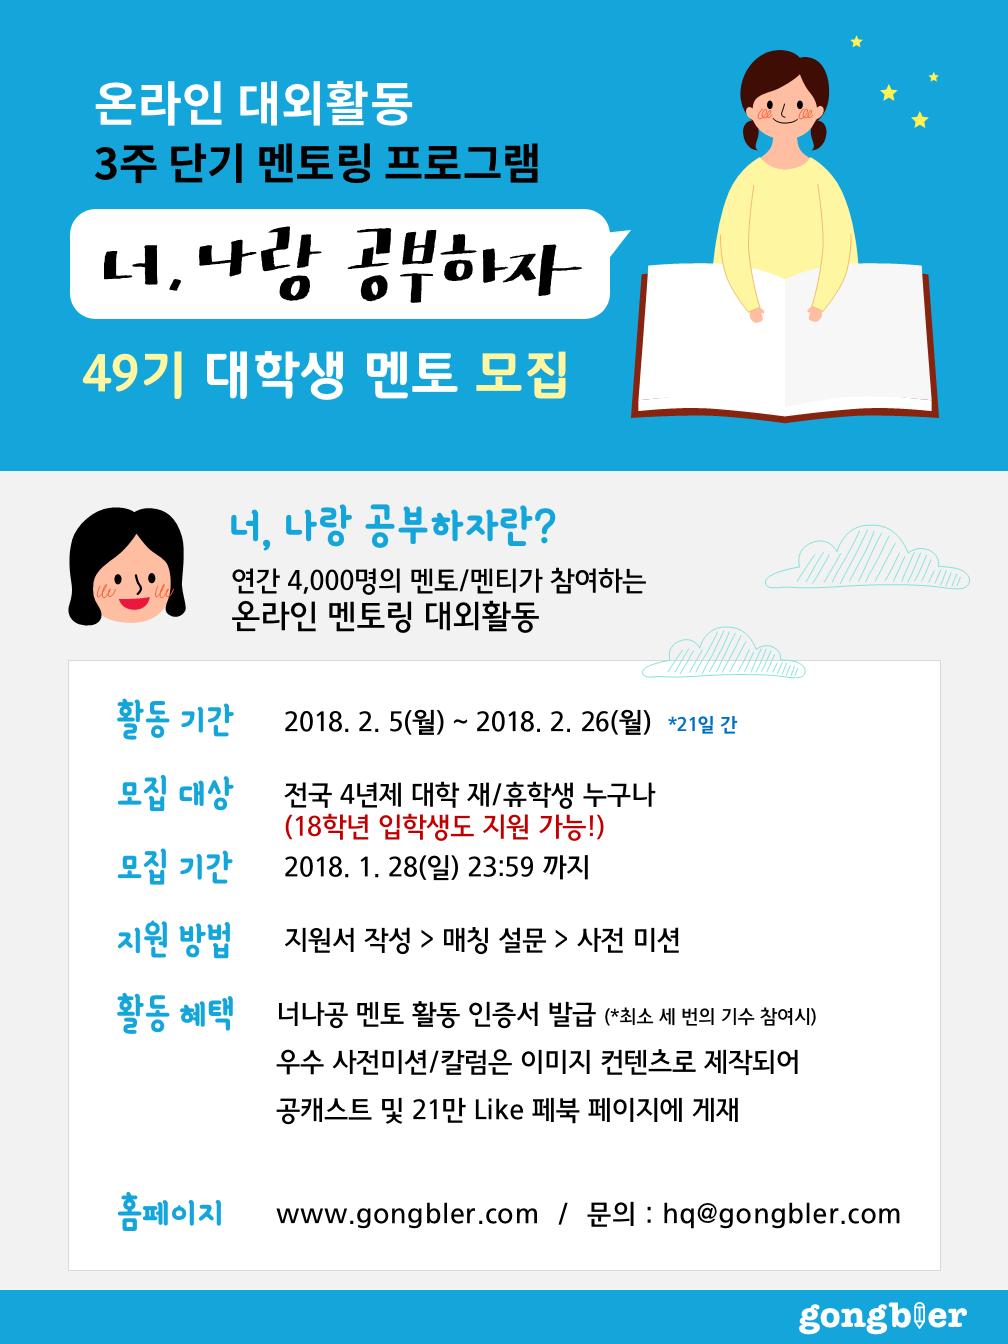 [공블러] 온라인 대학생 멘토링 너나공 모집